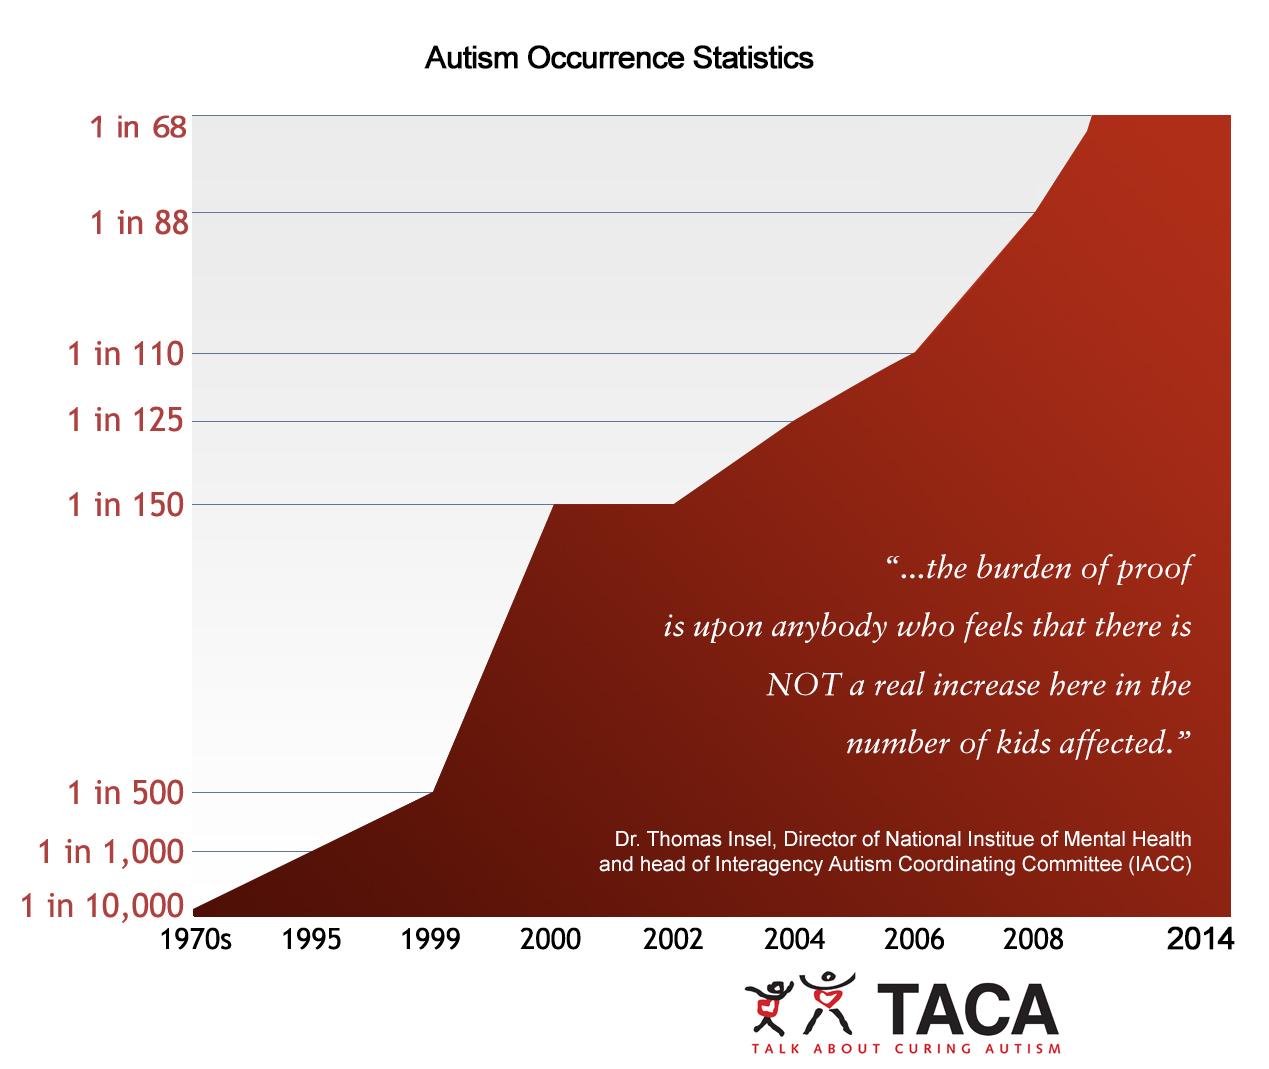 taca-autism-stats-2014.jpg